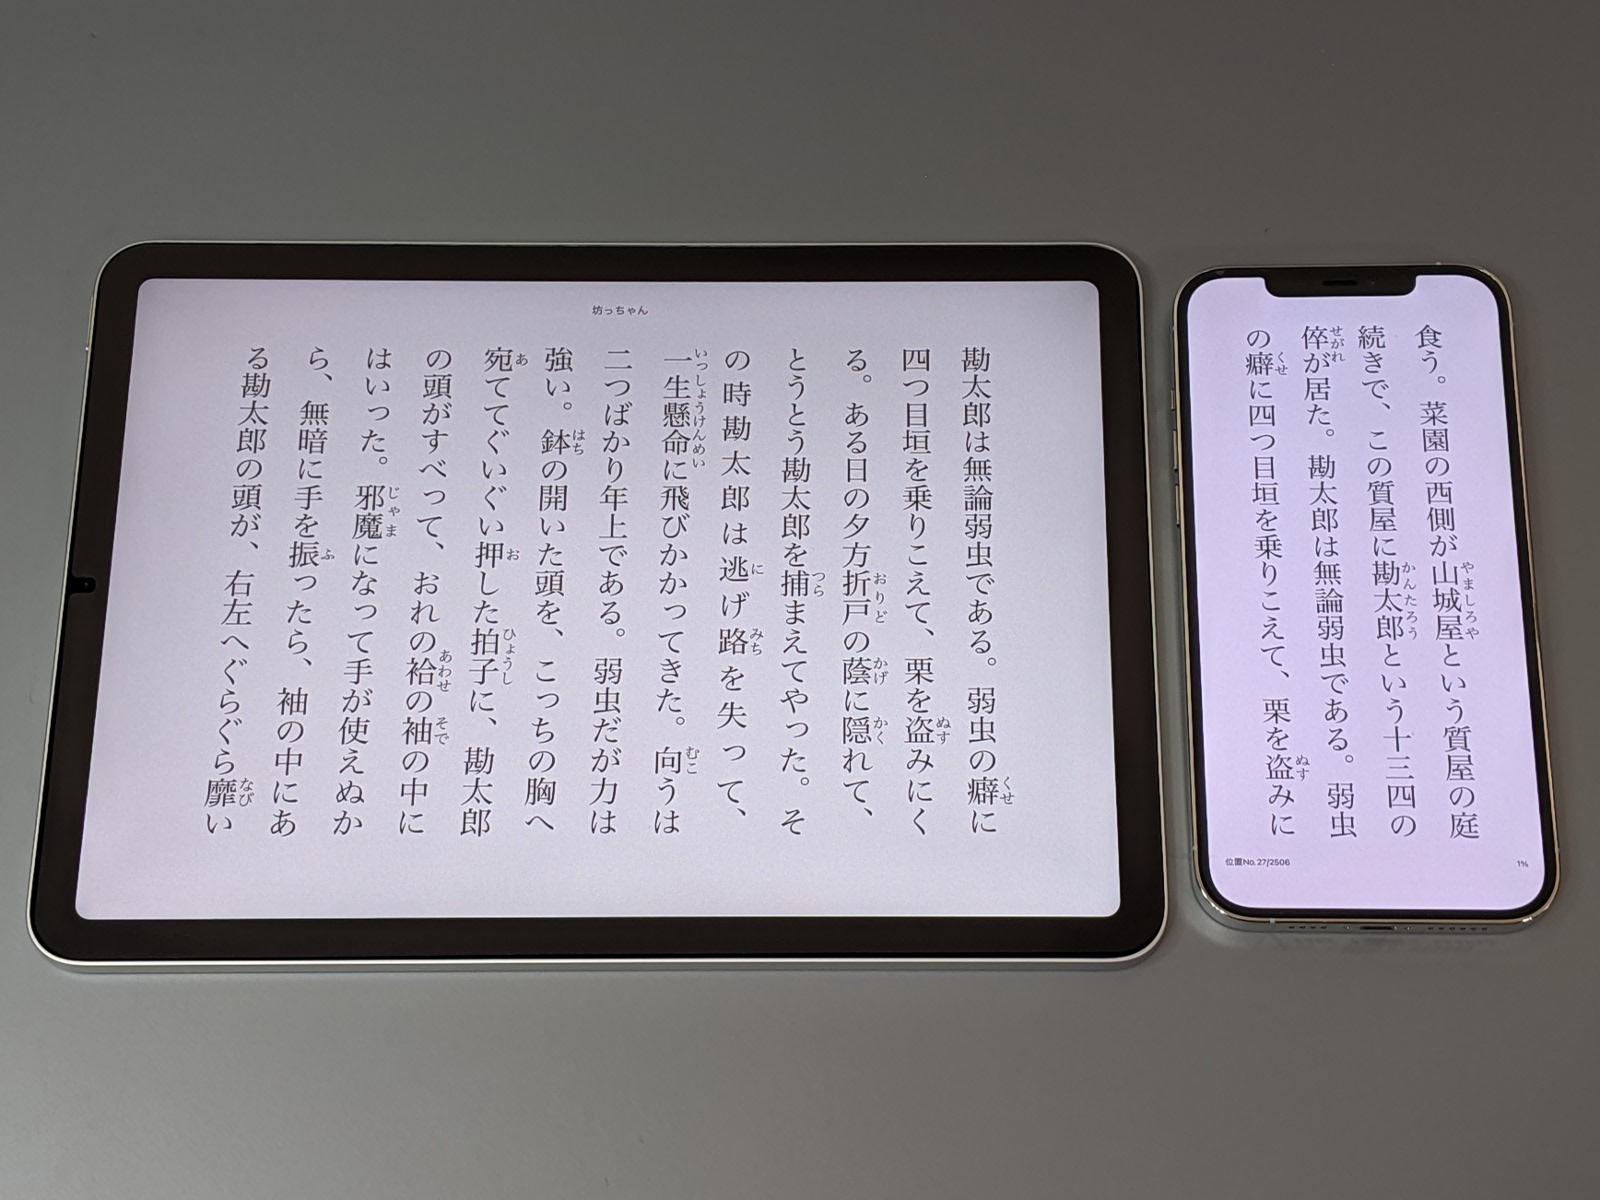 文字サイズを大きくするだけならば一般的なスマートフォン(右)でも可能だが、さすがに一画面あたりの文字数が少なすぎて読みづらい。できれば10型クラスのタブレット(左)を選びたいところ